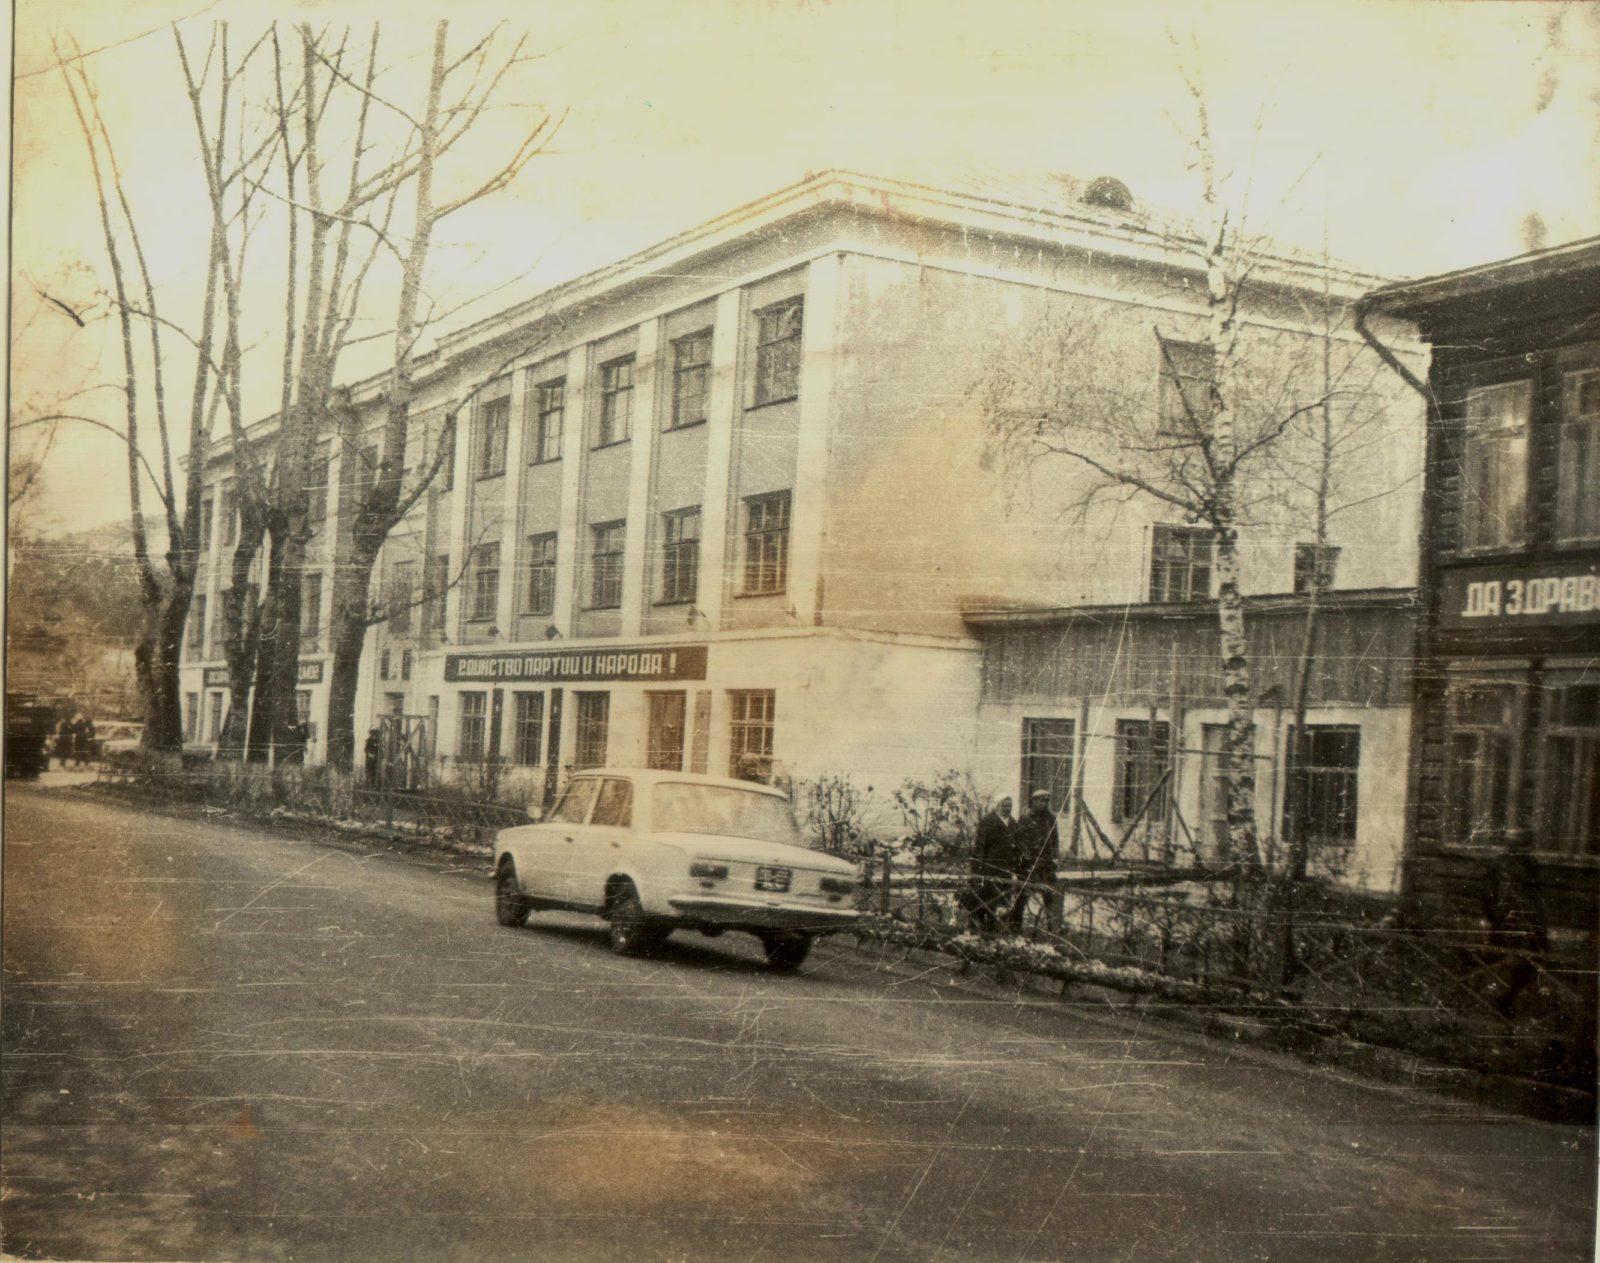 Здесь учили учителей. Горно-Алтайский государственный педагогический институт. Главный корпус. 1970-е годы.